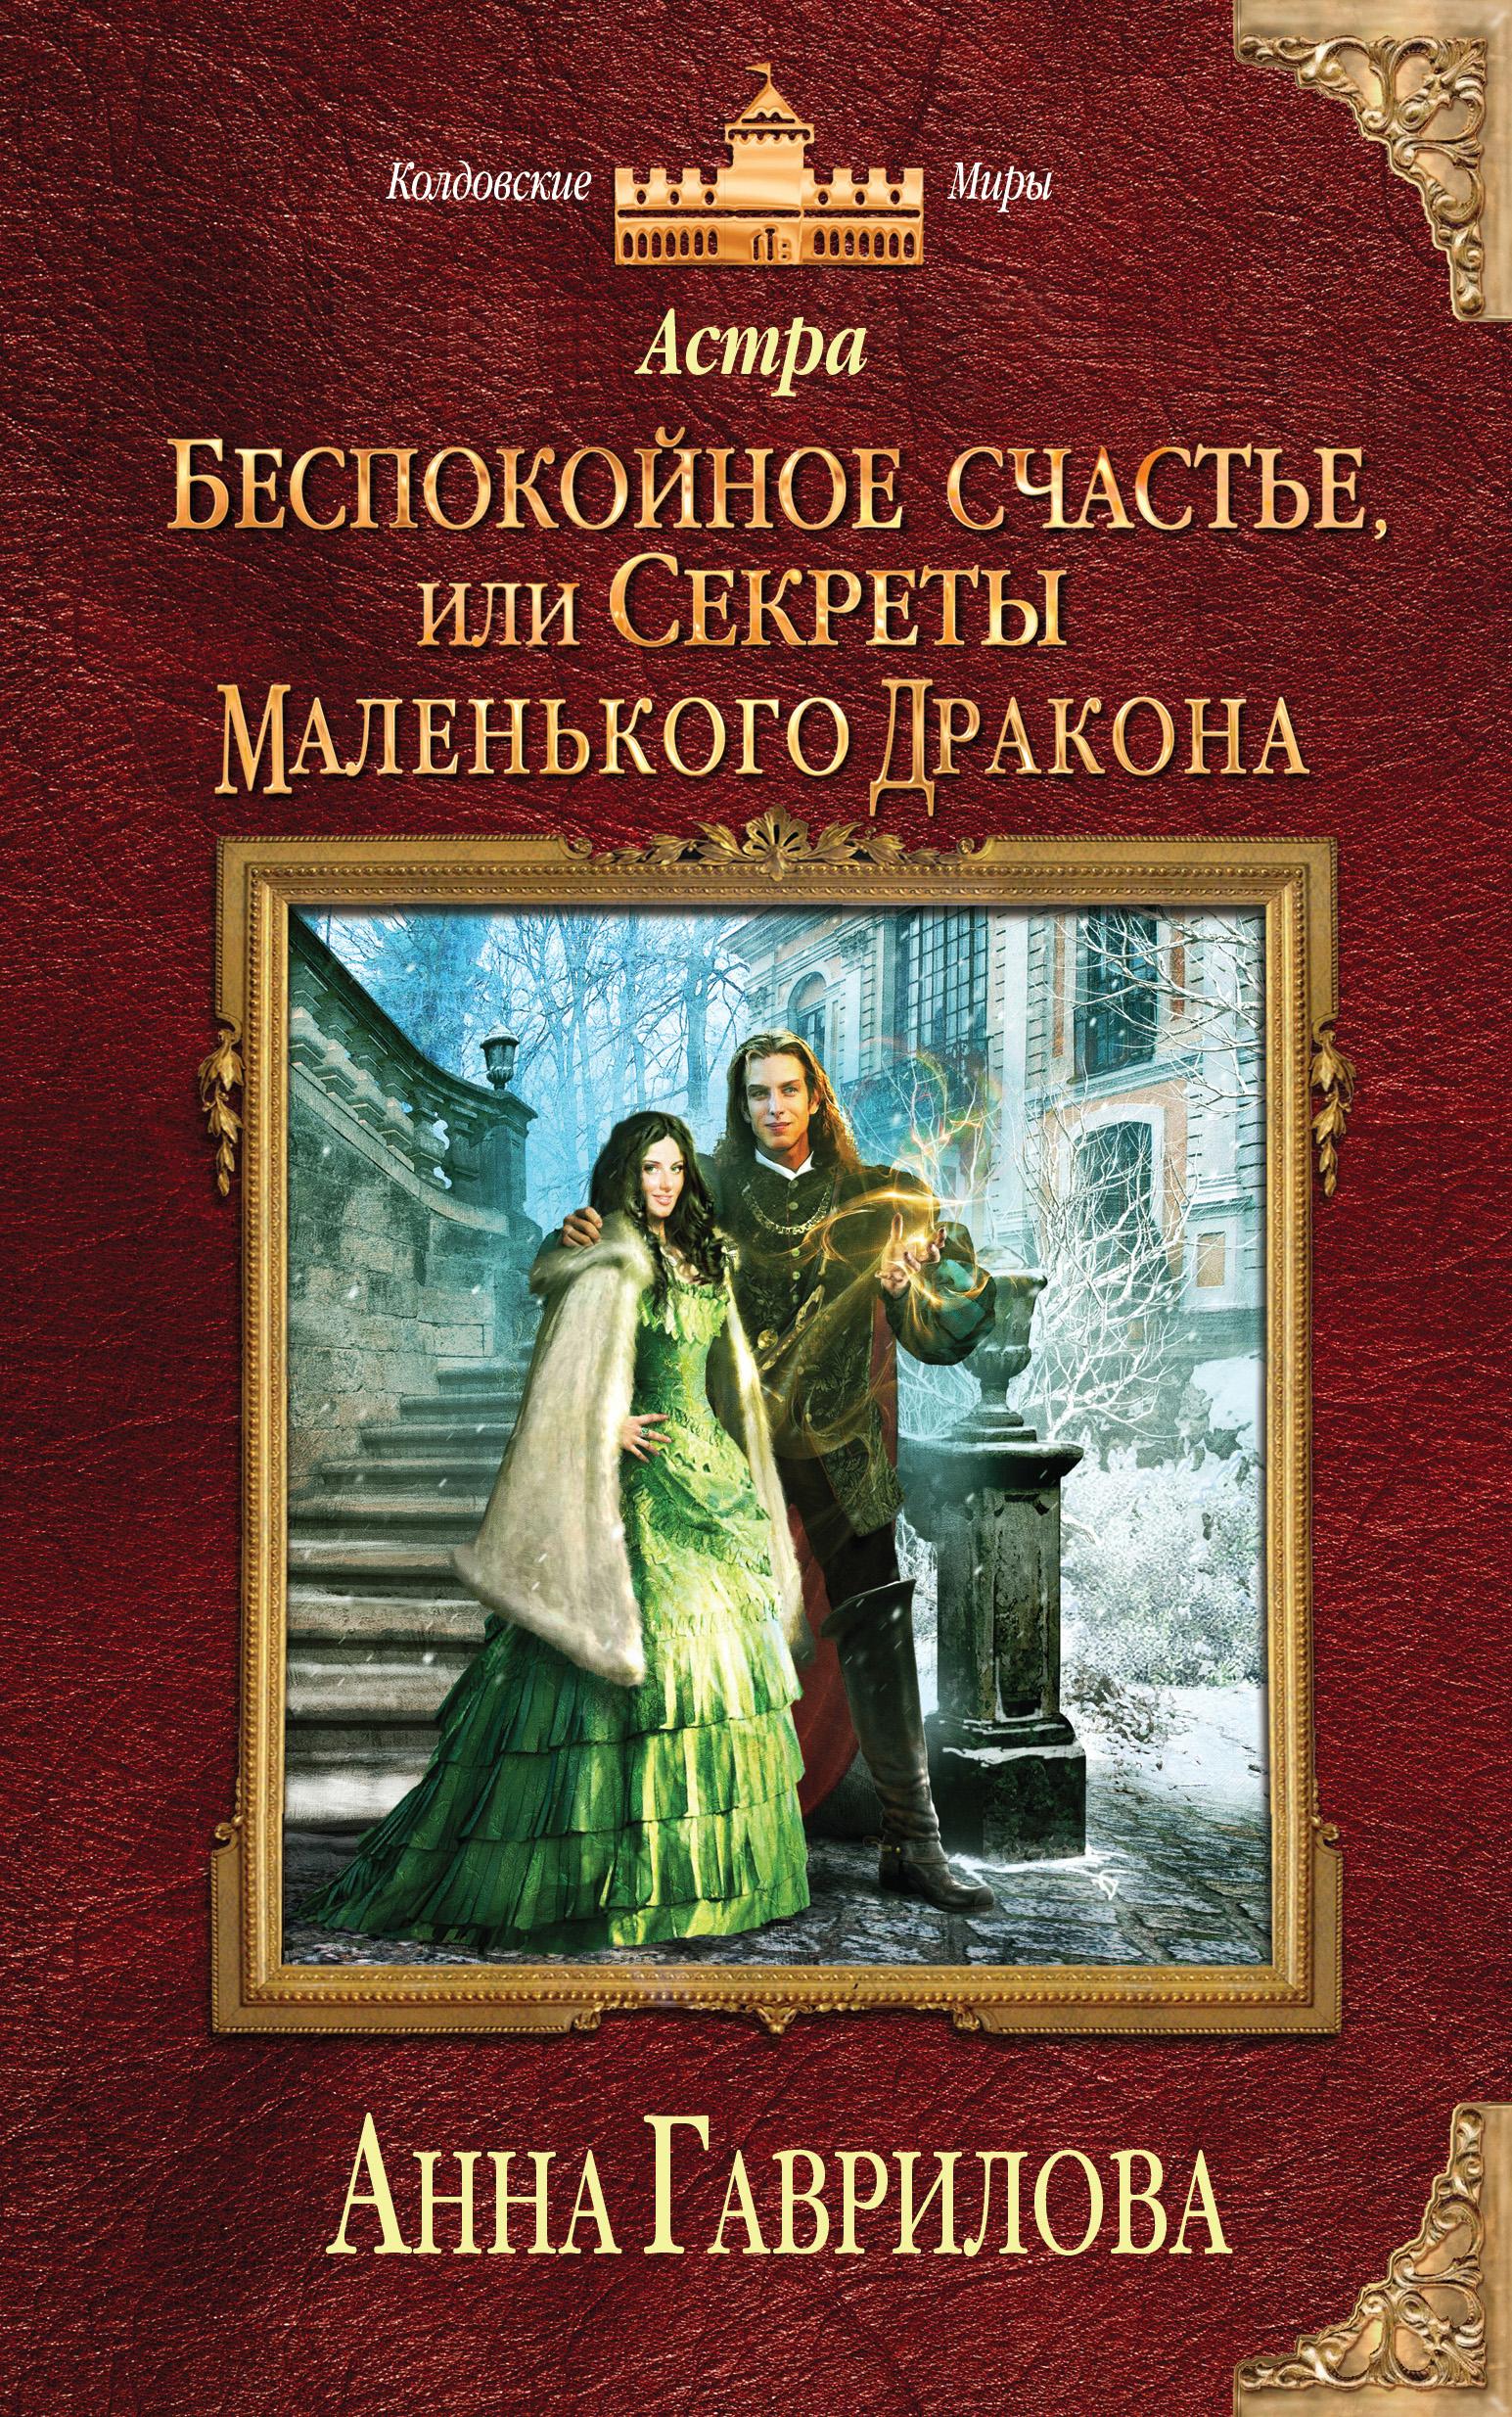 Анна Гаврилова Астра. Беспокойное счастье, или Секреты маленького дракона анна гаврилова астра шустрое счастье или охота на маленького дракона